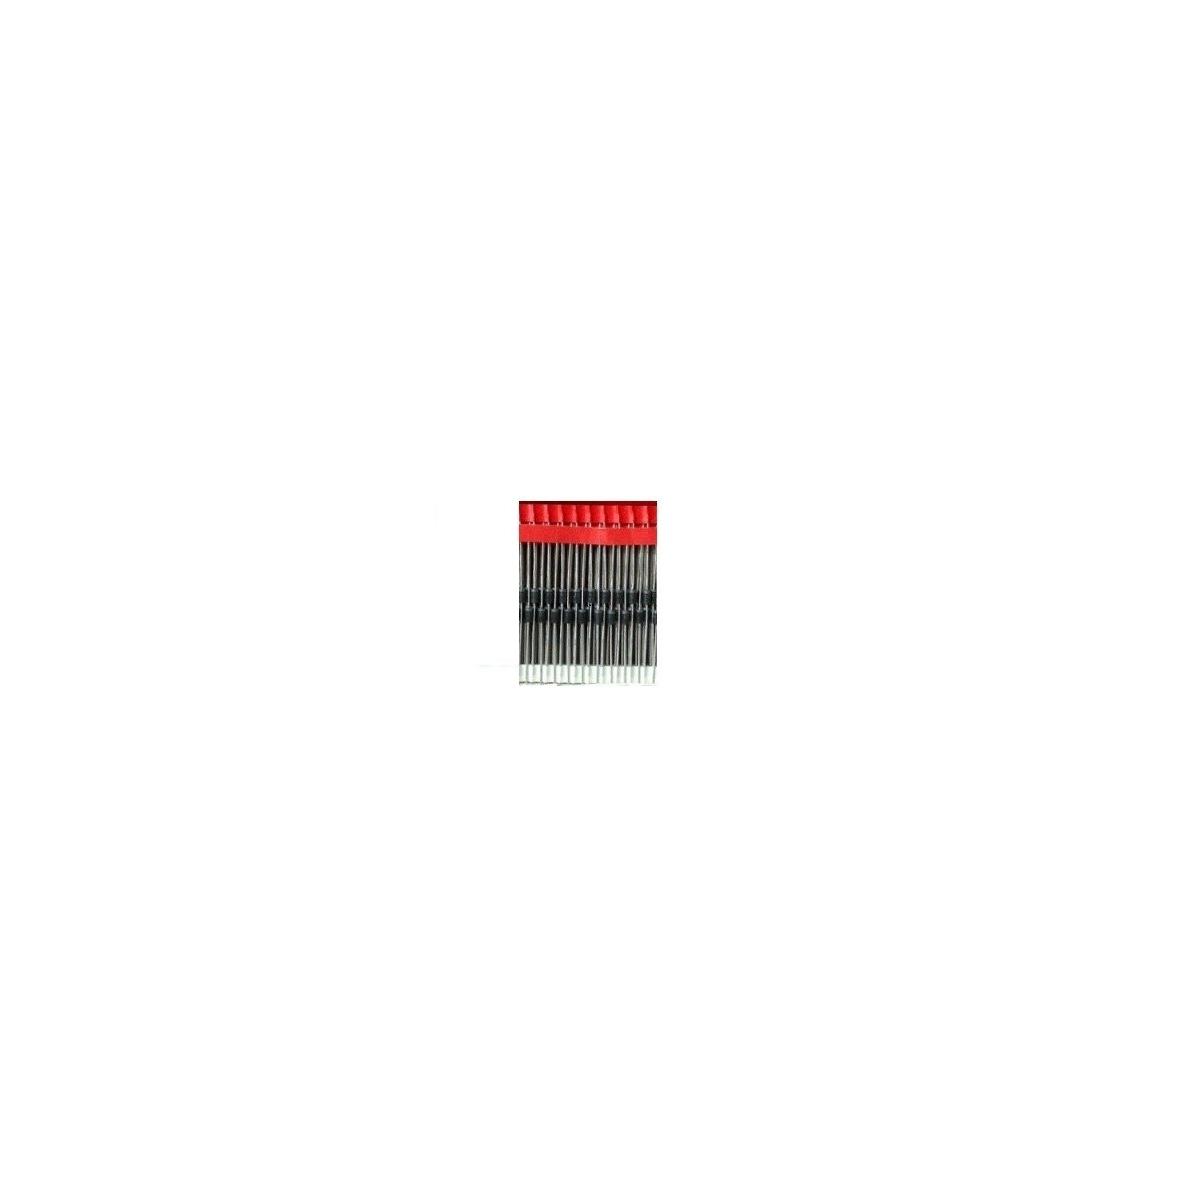 ZENNER 5W-1N 5350 - 13V